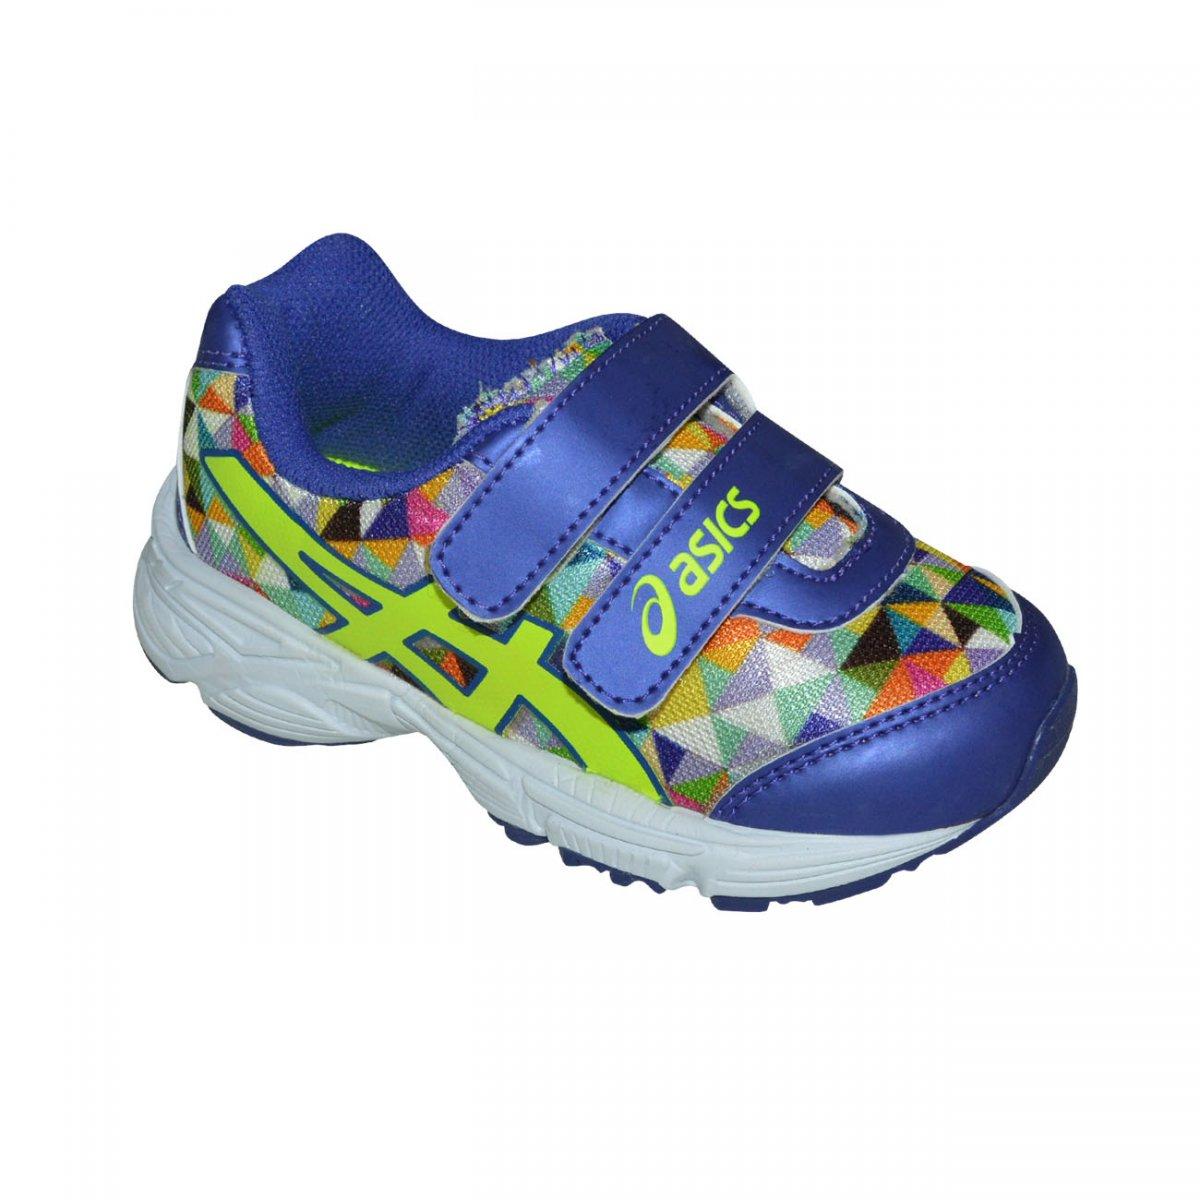 2a2060113e Tenis Asics Sugar Baby TS Infantil C003A 4107 - Uva/Limão/Branco - Chuteira  Nike, Adidas. Sandalias Femininas. Sandy Calçados